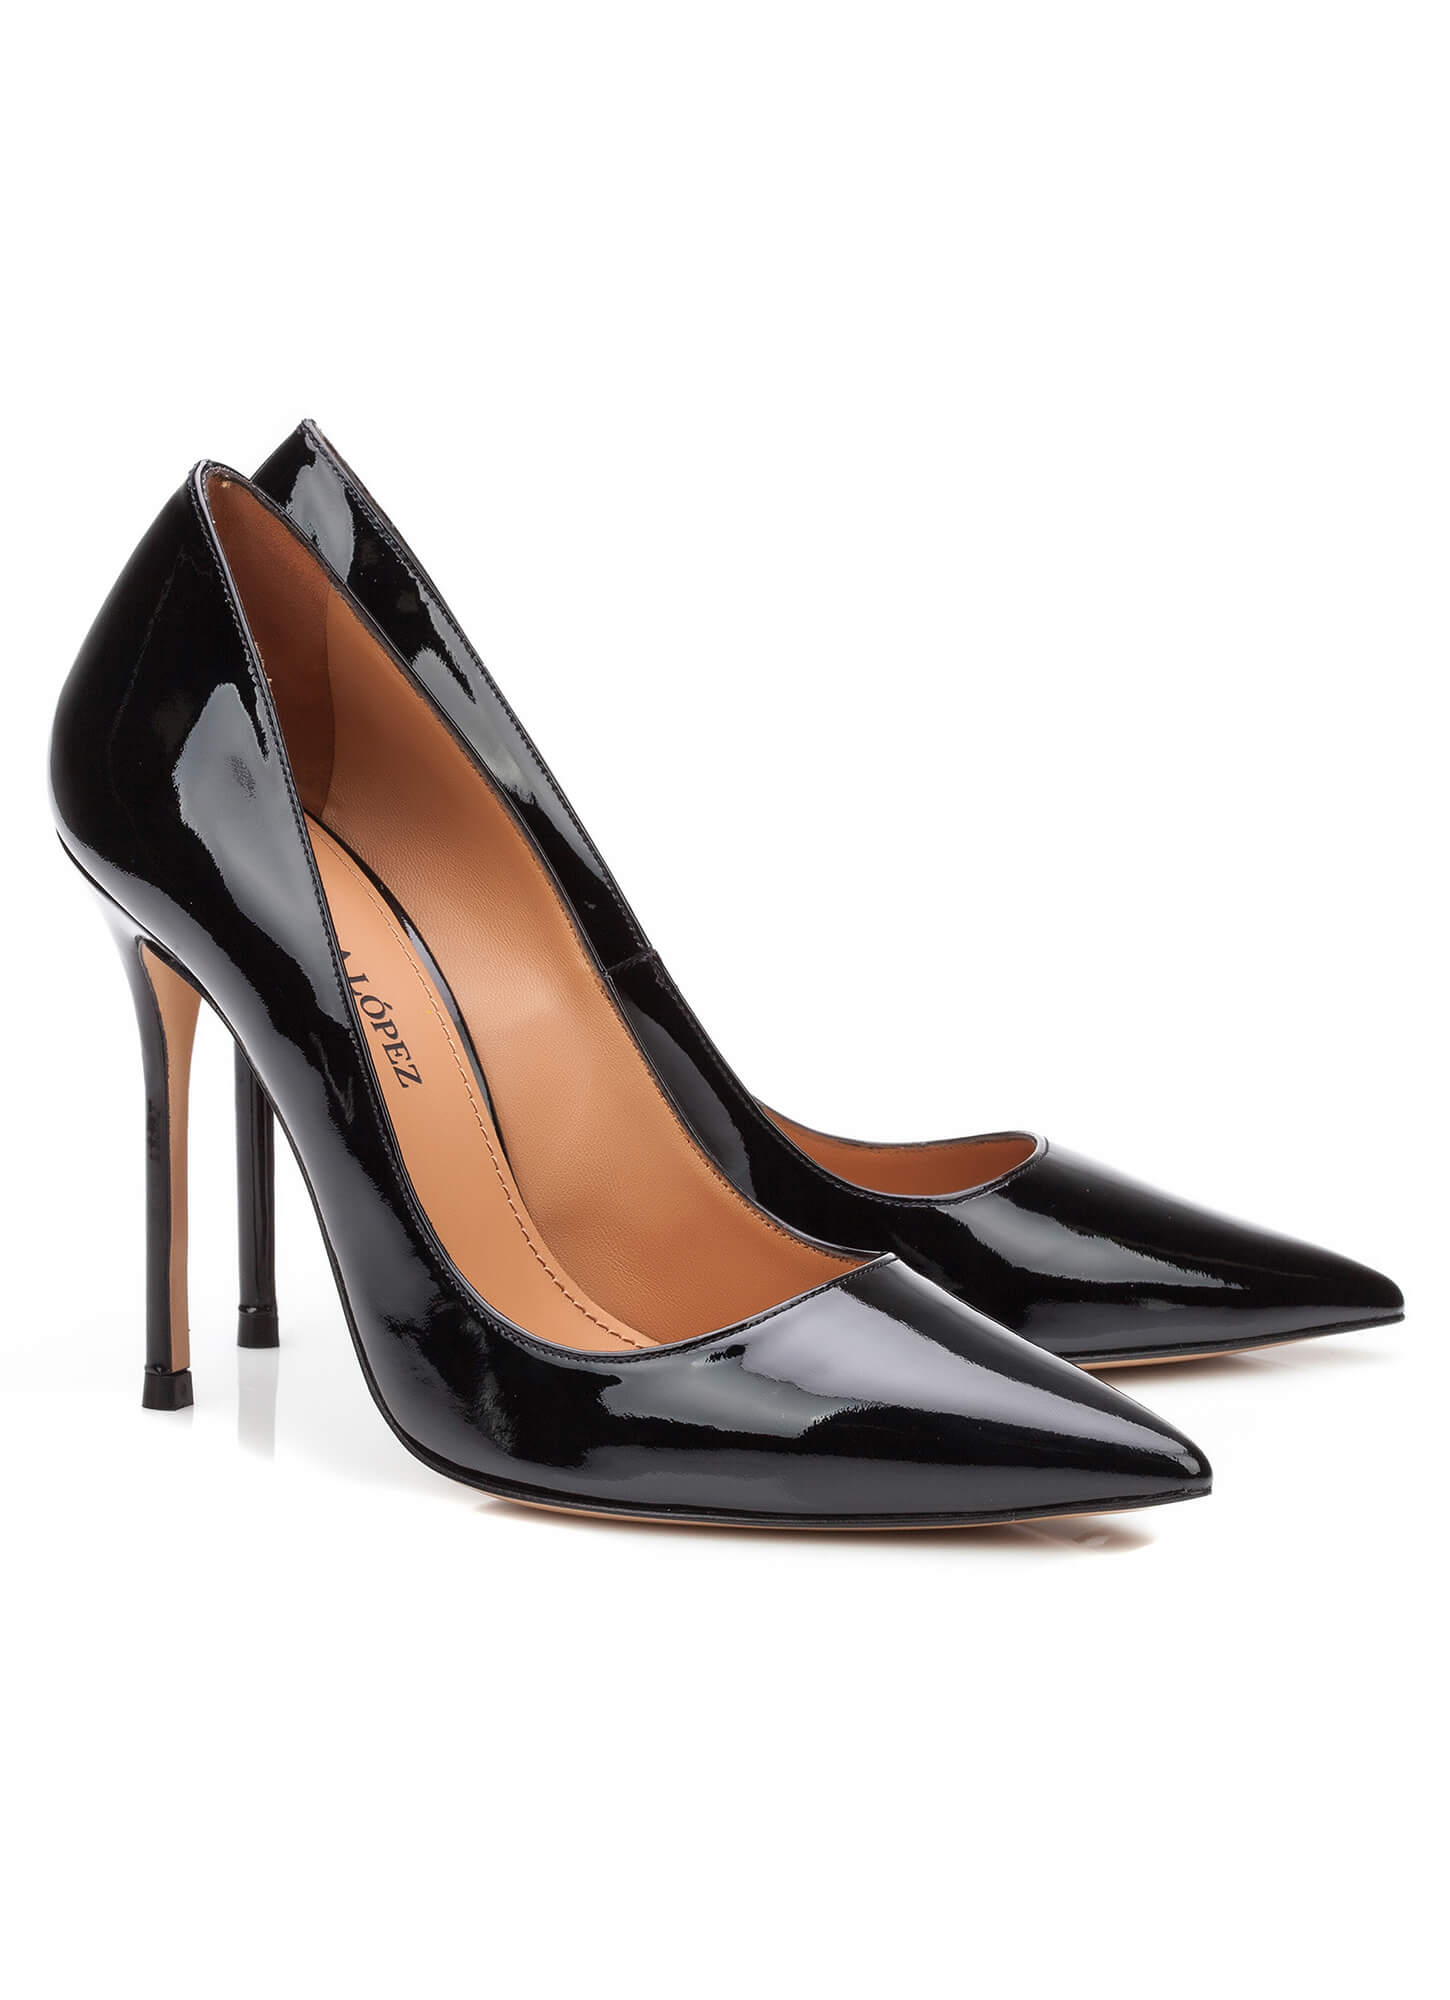 Argila shoes online shop